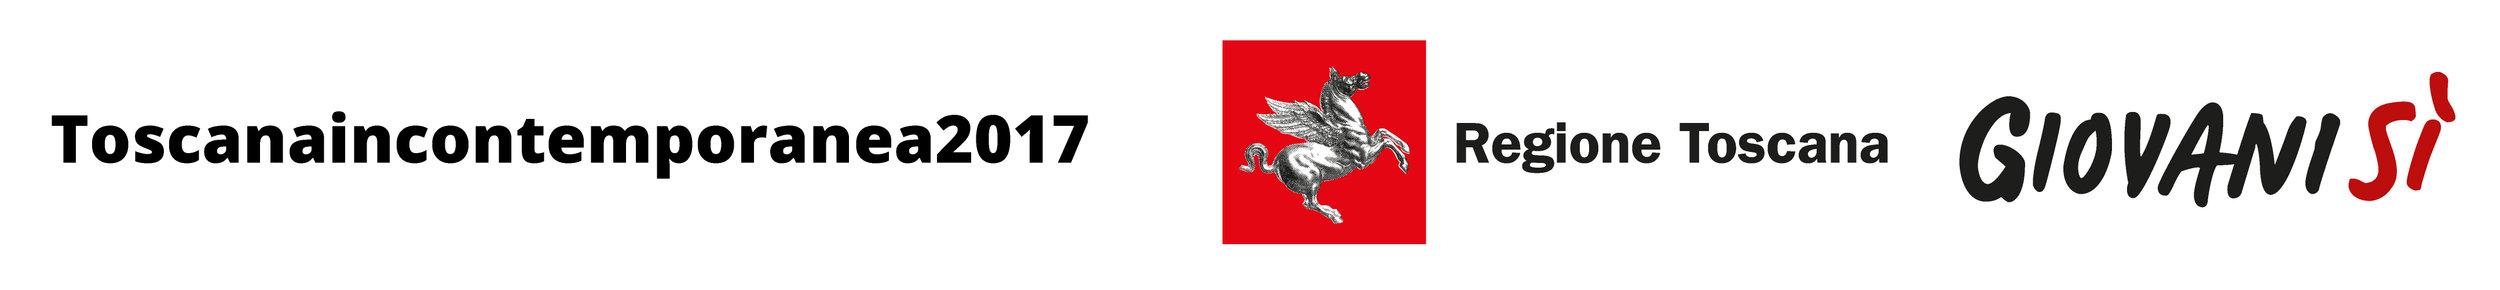 Toscanaincontemporanea2017+RT+Giovanisi - Logo.jpg